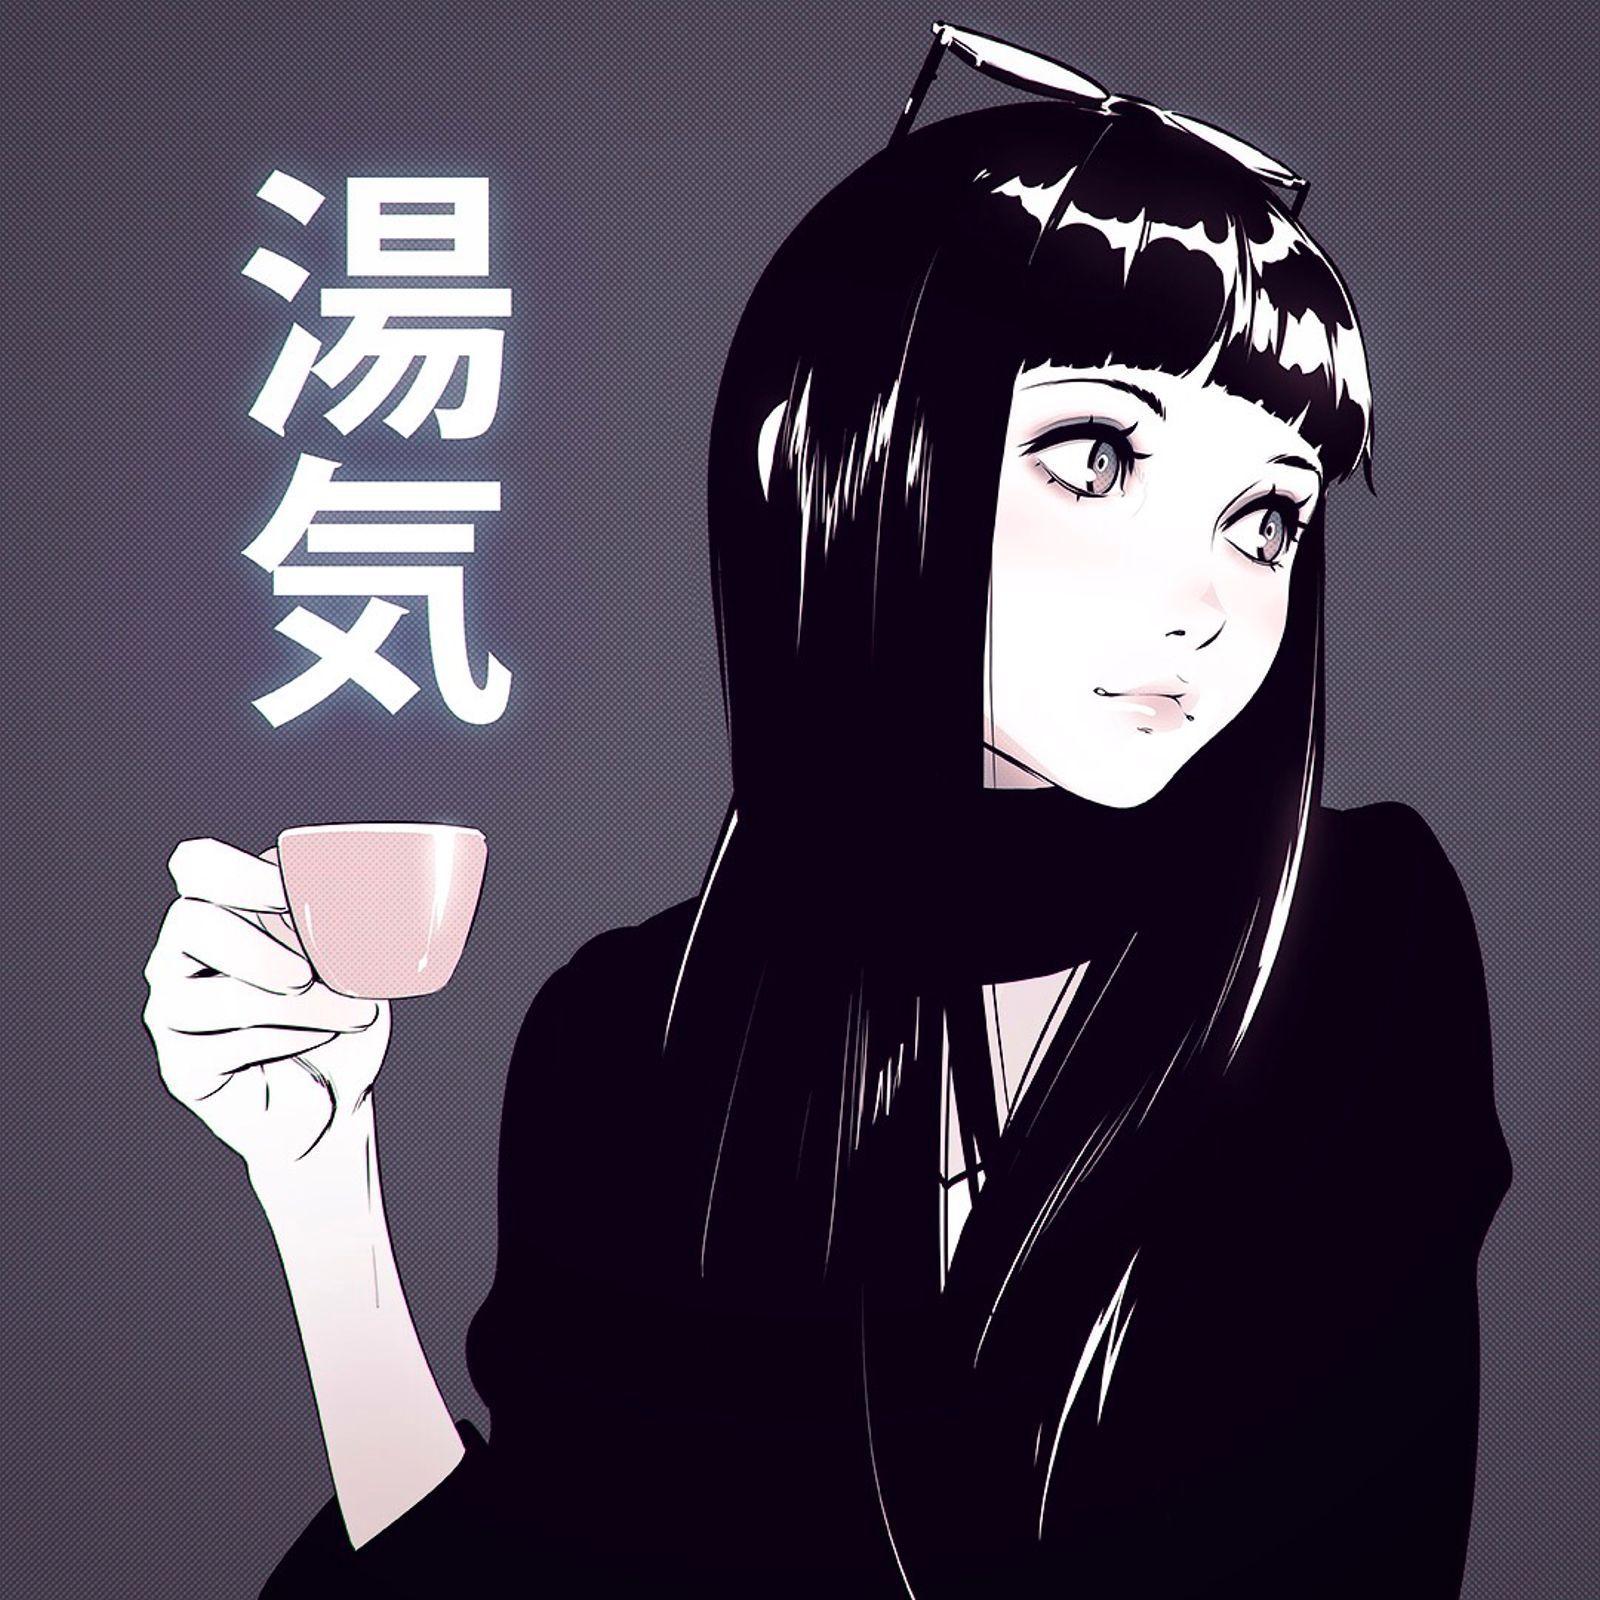 Coffee Study Kuvshinov Ilya On Patreon Aesthetic Anime Anime Character Art